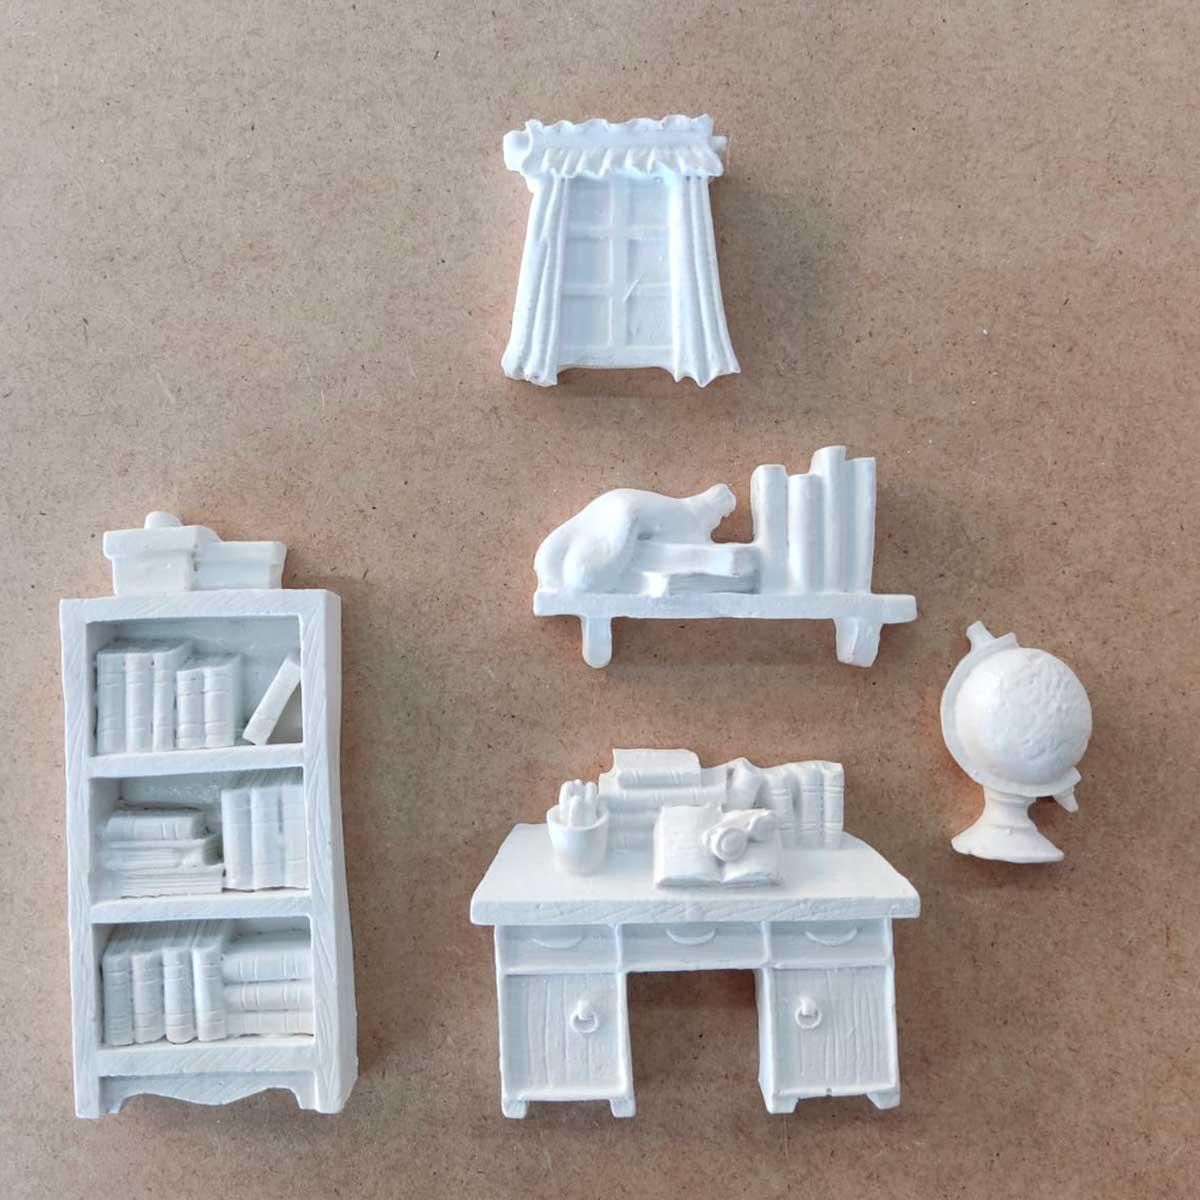 Aplique em Resina - Kit Escritório c/ 5 peças